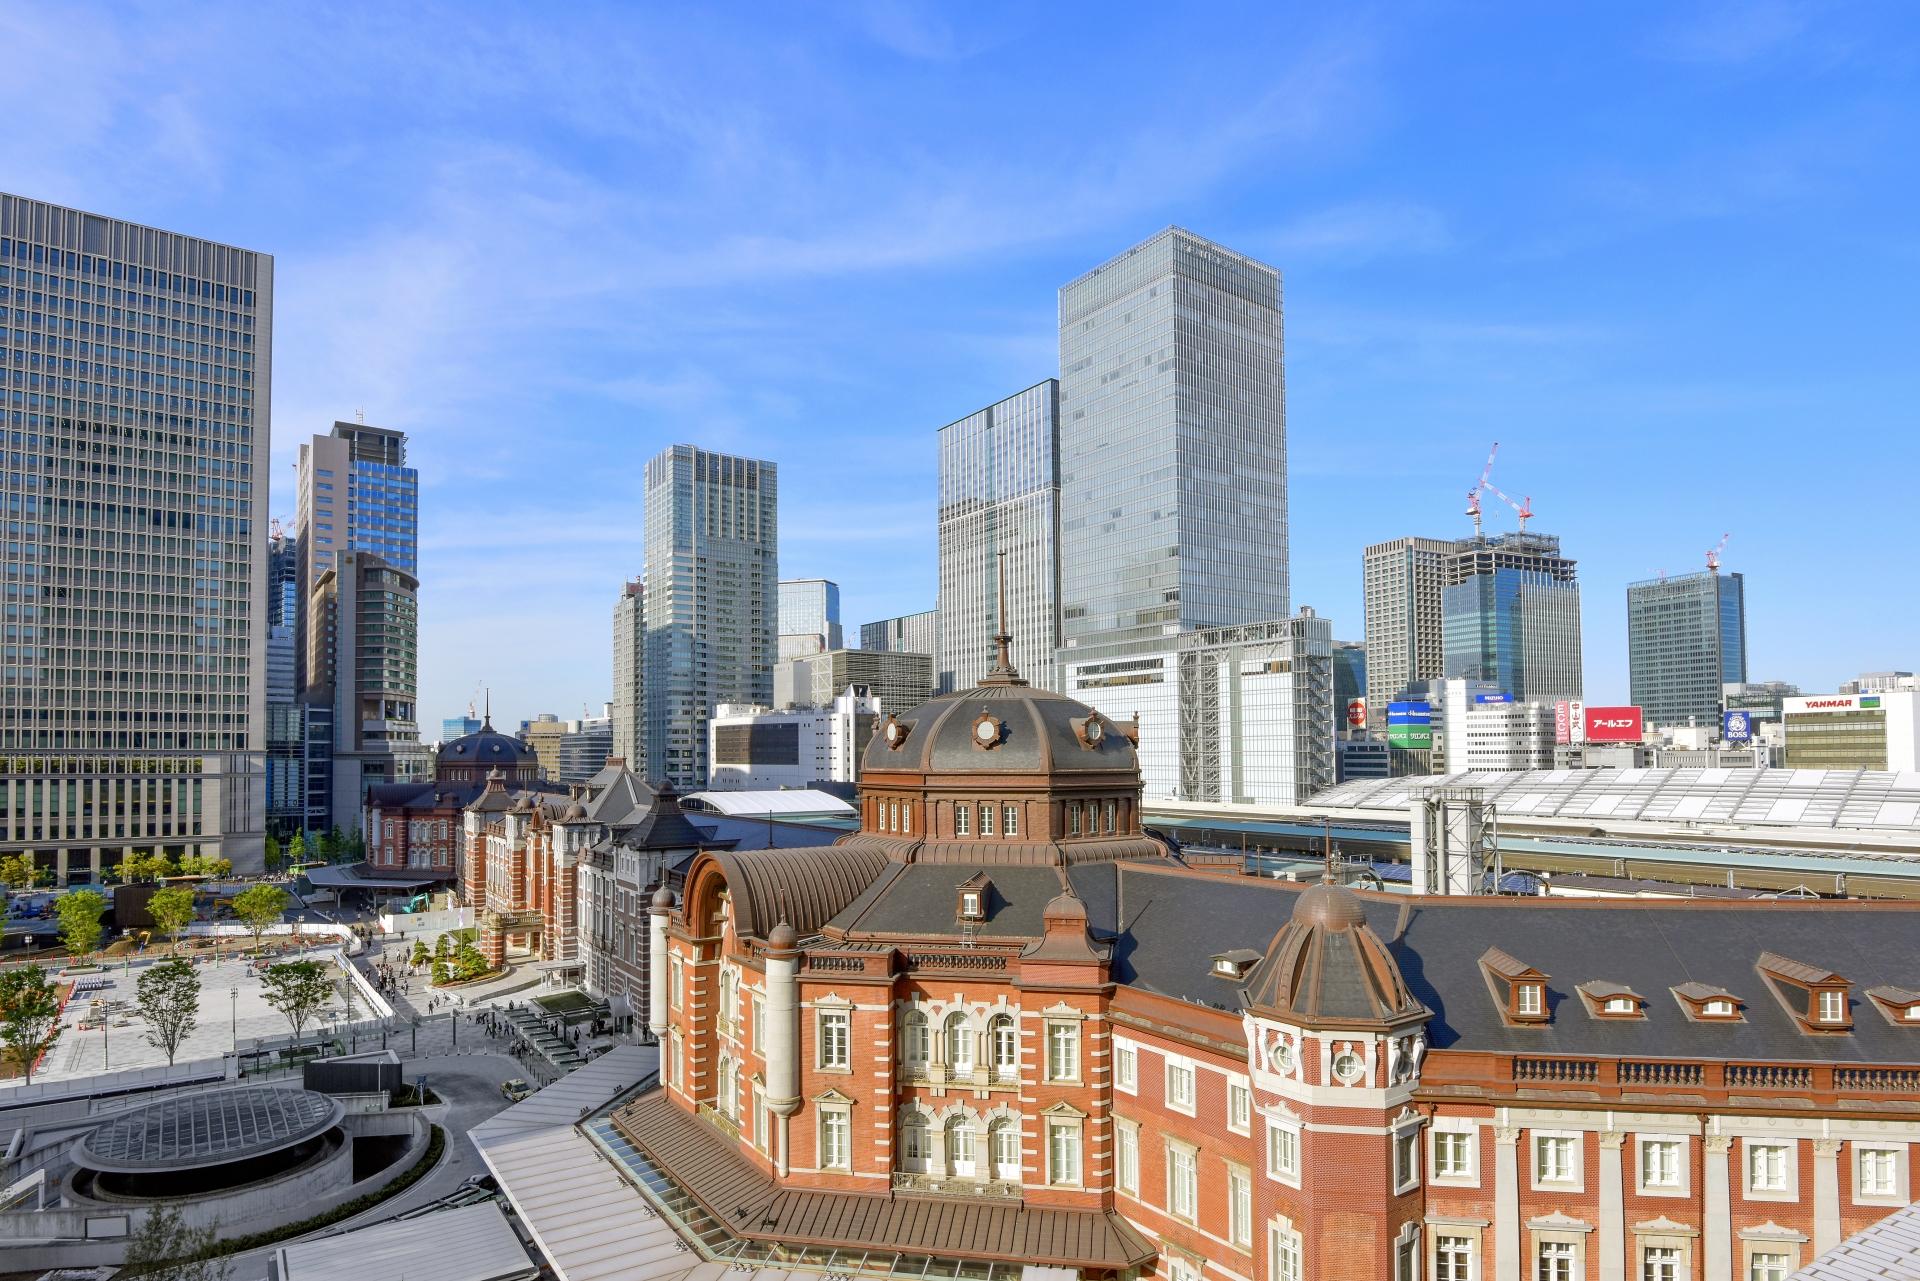 東京駅・日本橋駅・大手町駅からアクセスが便利